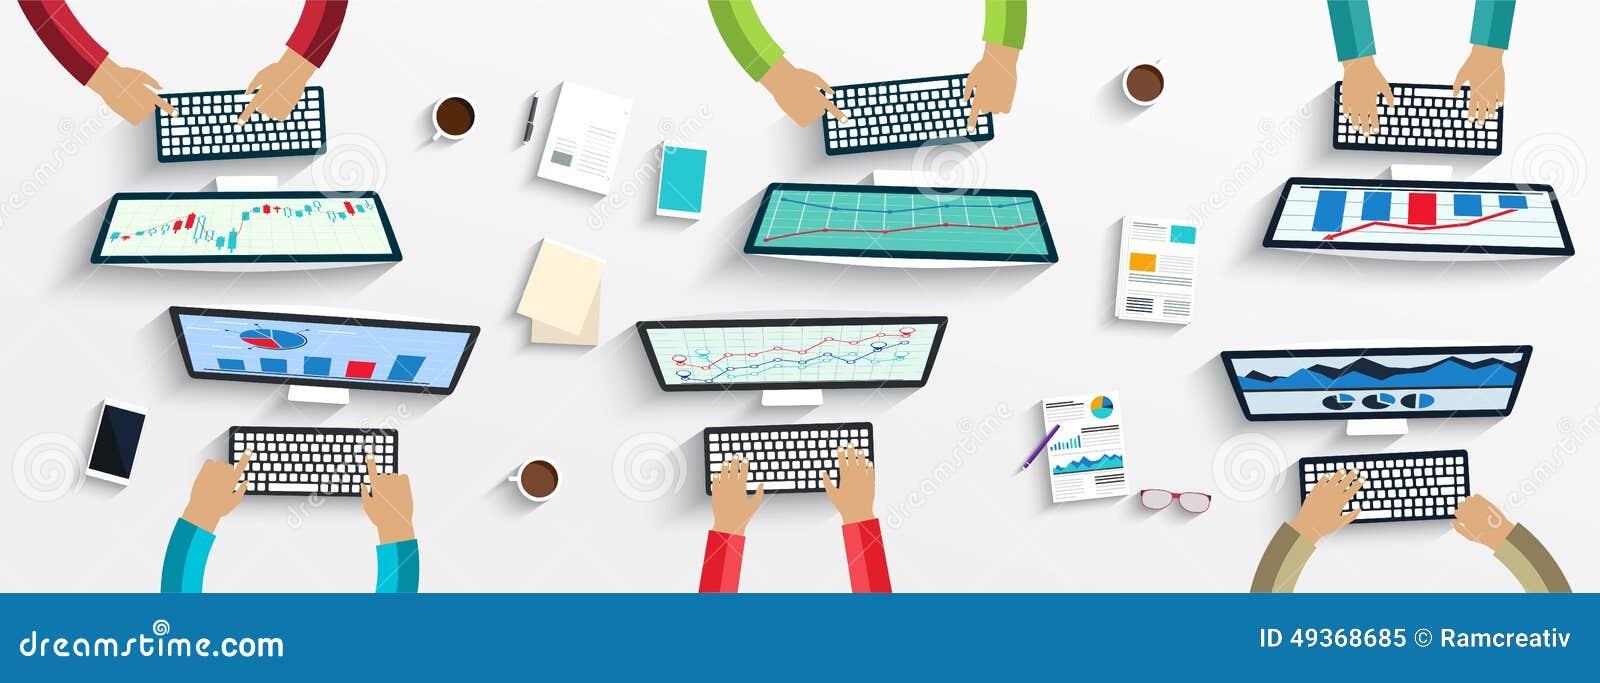 Grupo de hombres de negocios que trabajan usando los dispositivos digitales en los ordenadores portátiles, ordenadores